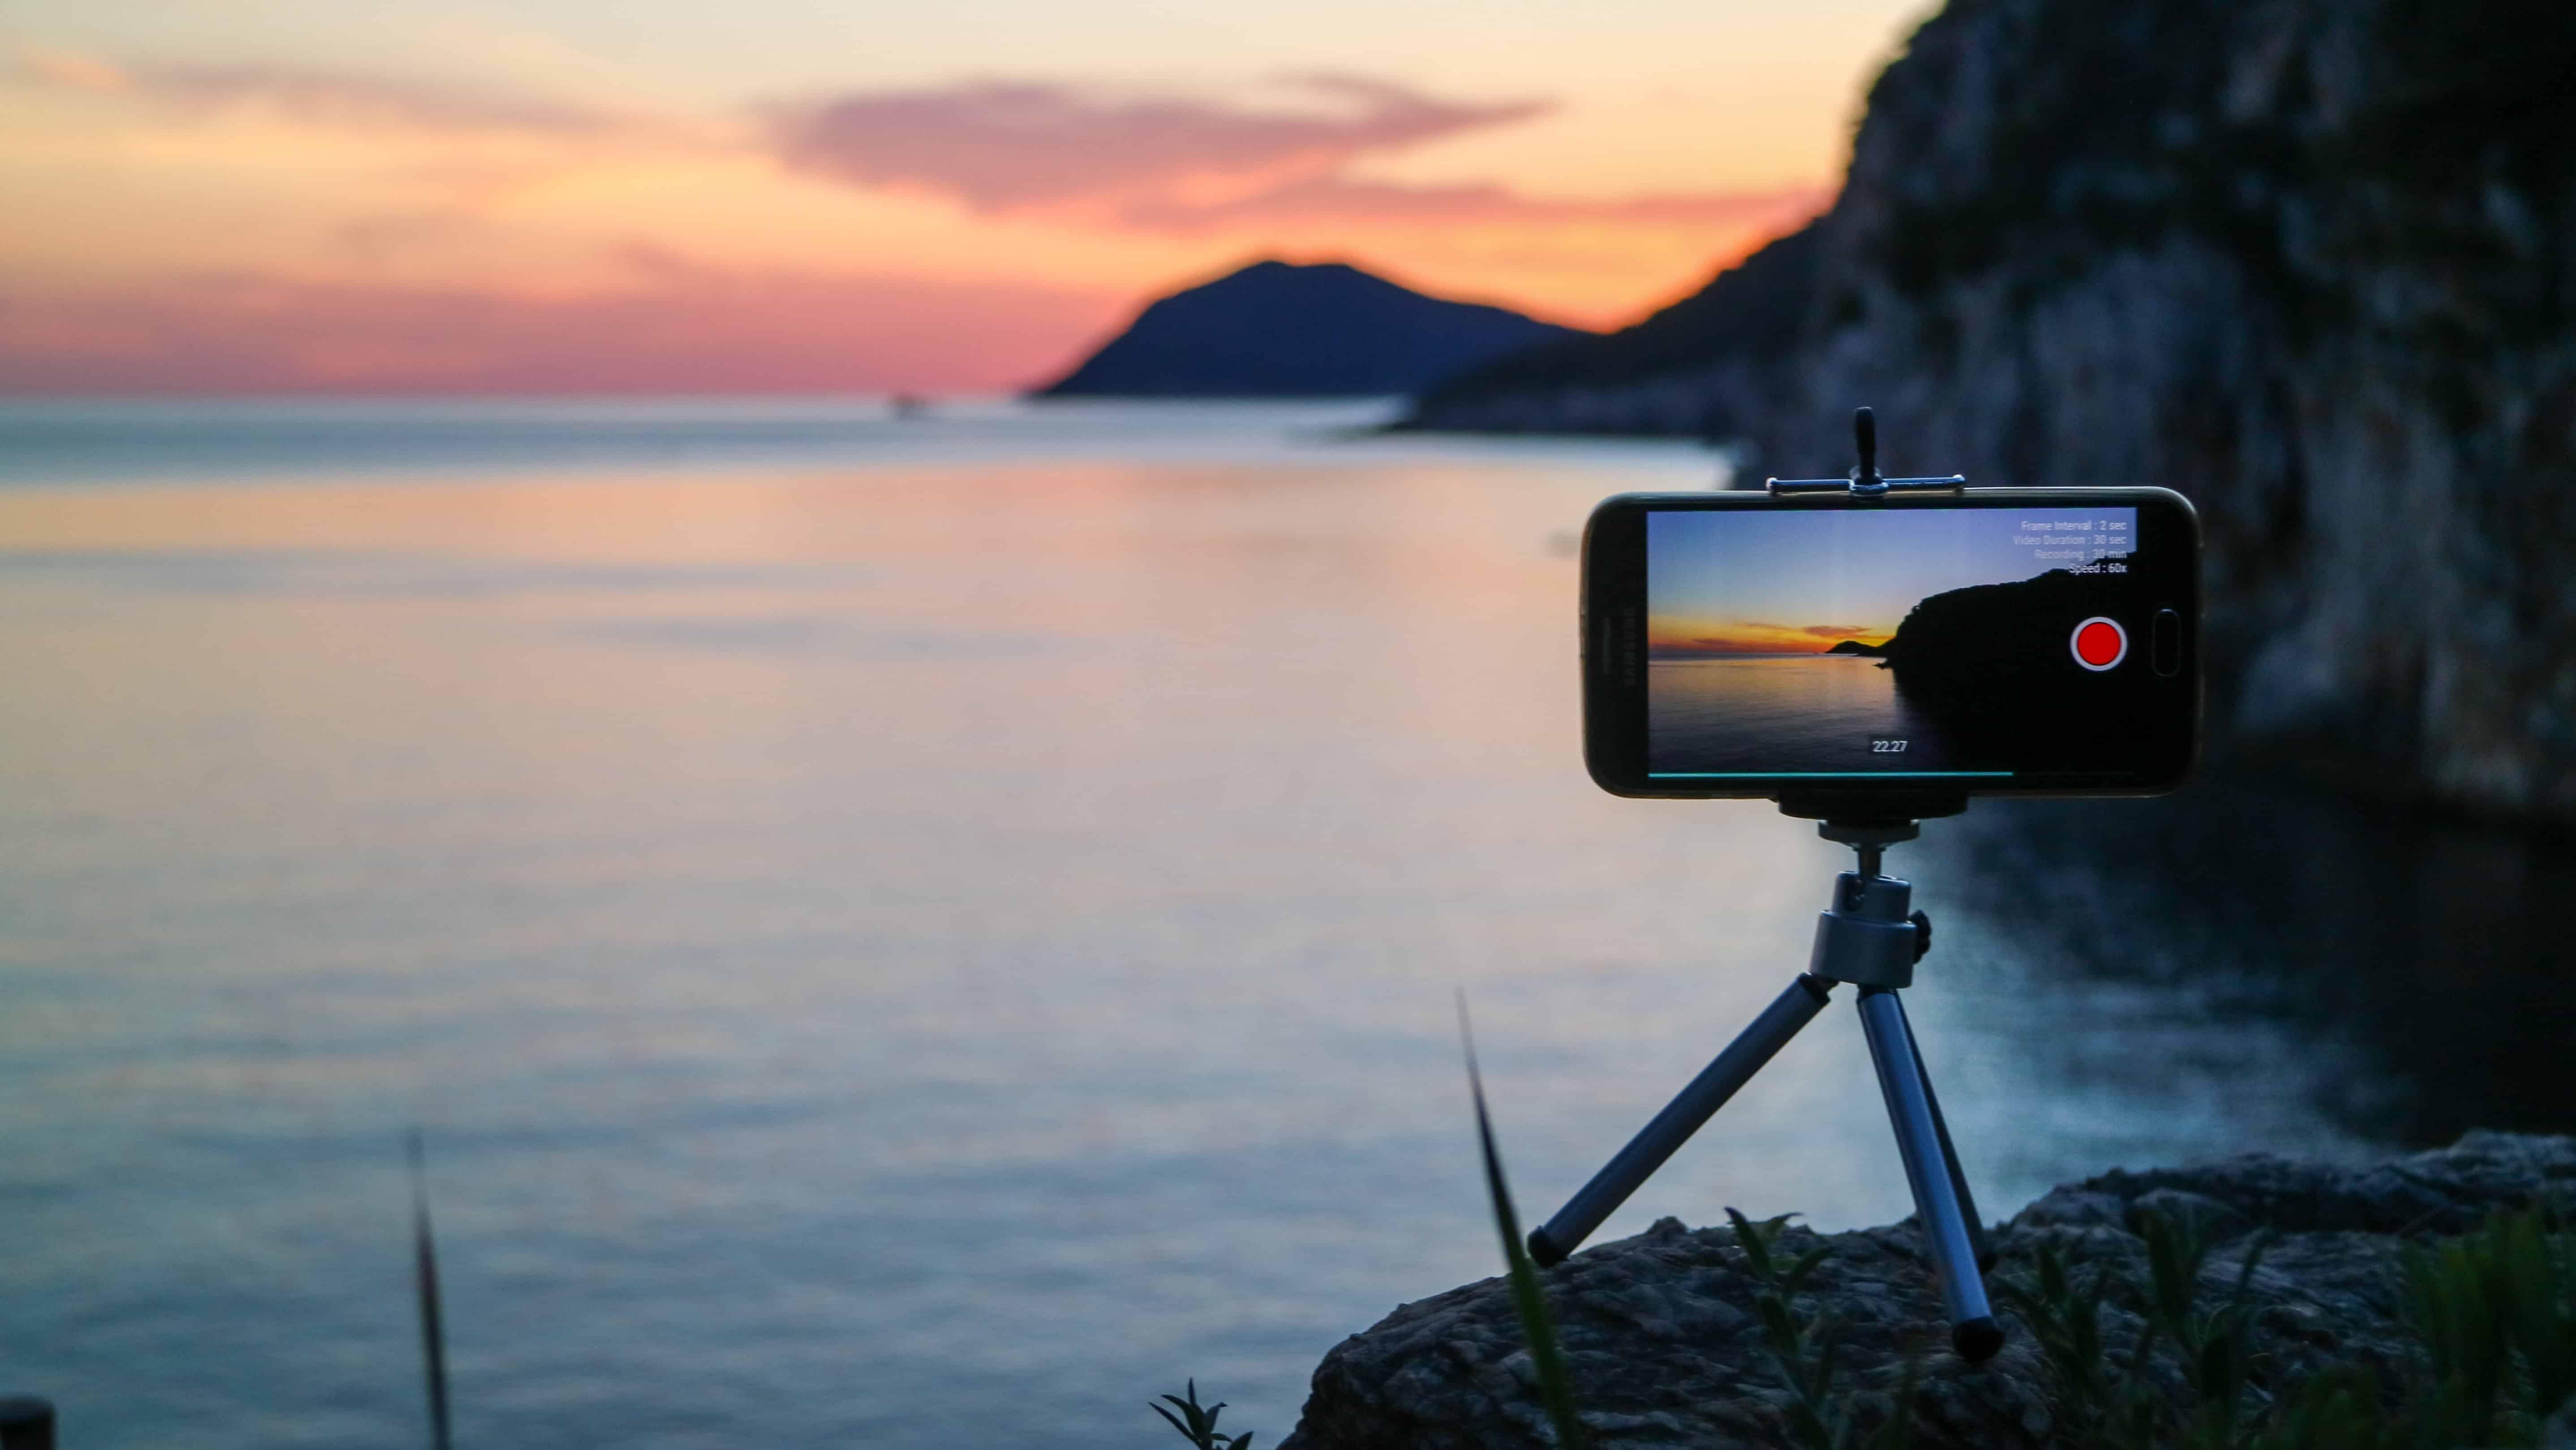 Surf webcam Photo by Mark de Jong on Unsplash